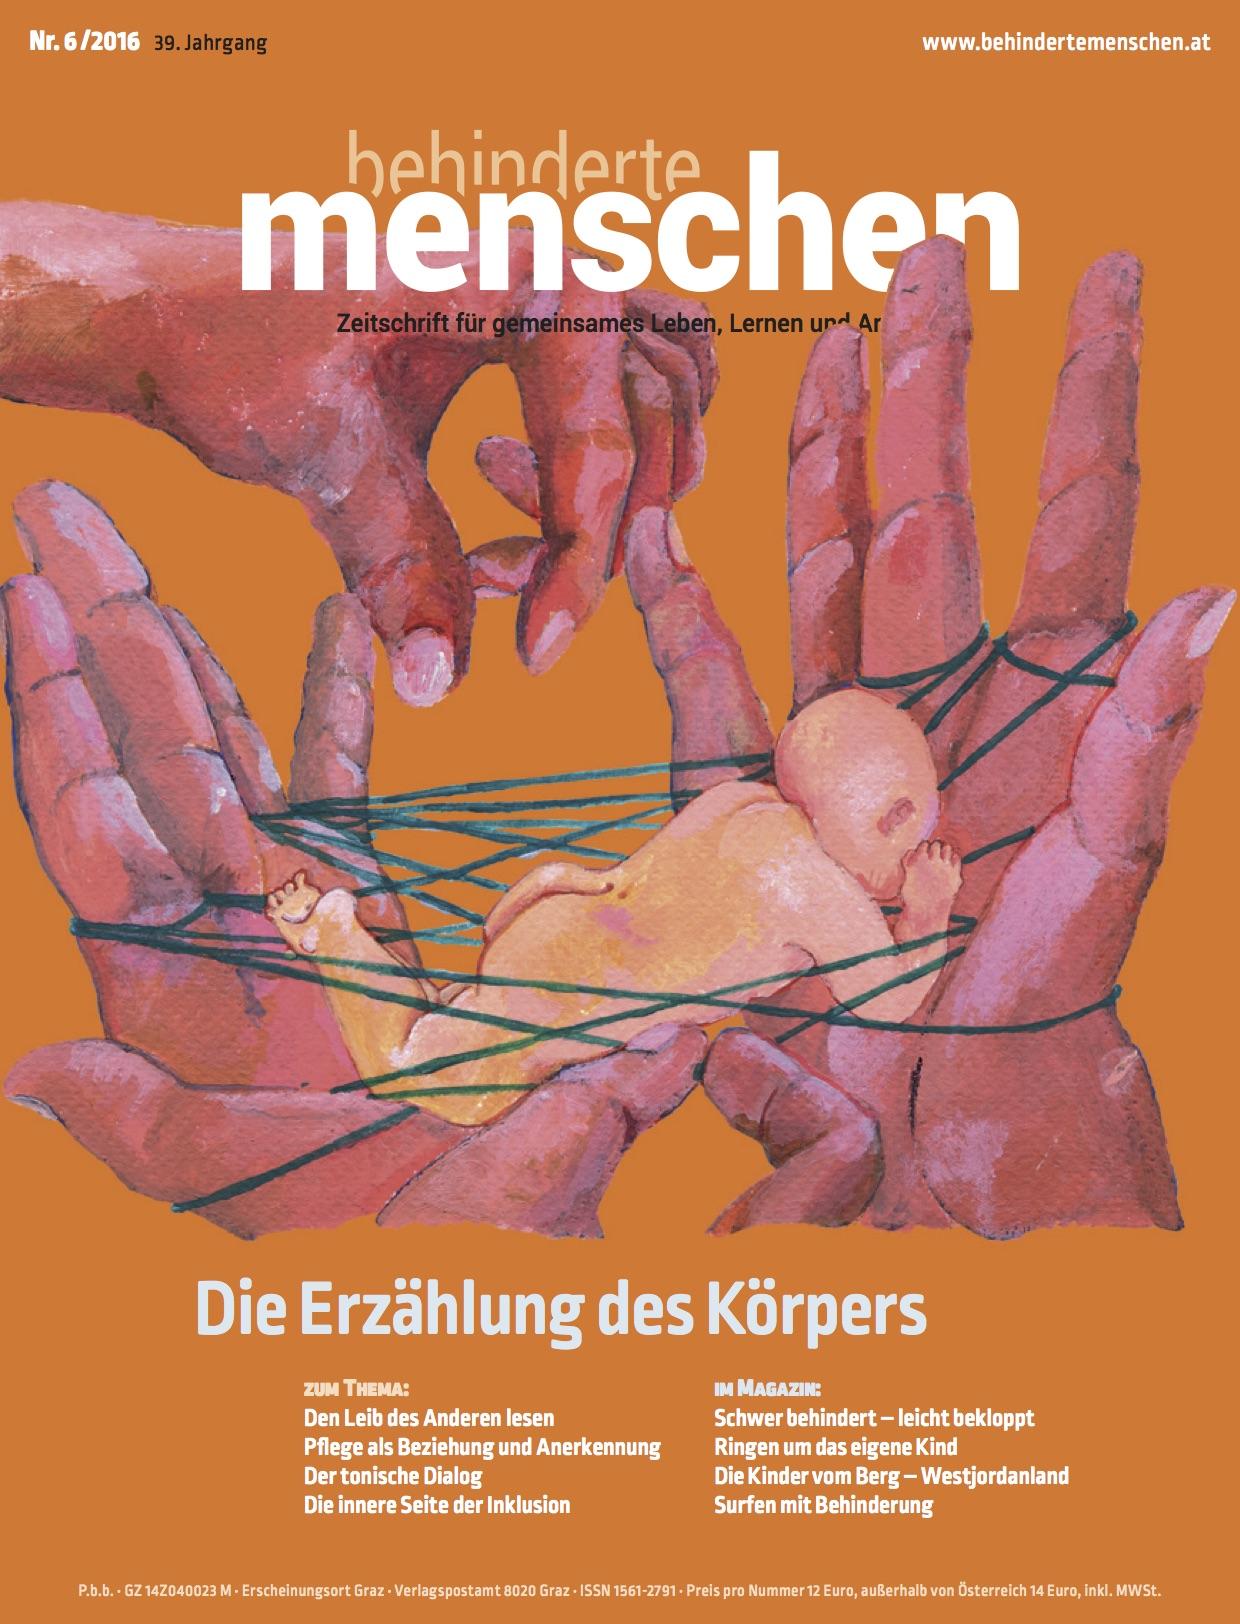 """Titelbild der Zeitschrift BEHINDERTE MENSCHEN, Ausgabe 6/2016 """"Die Erzählung des Körpers"""""""